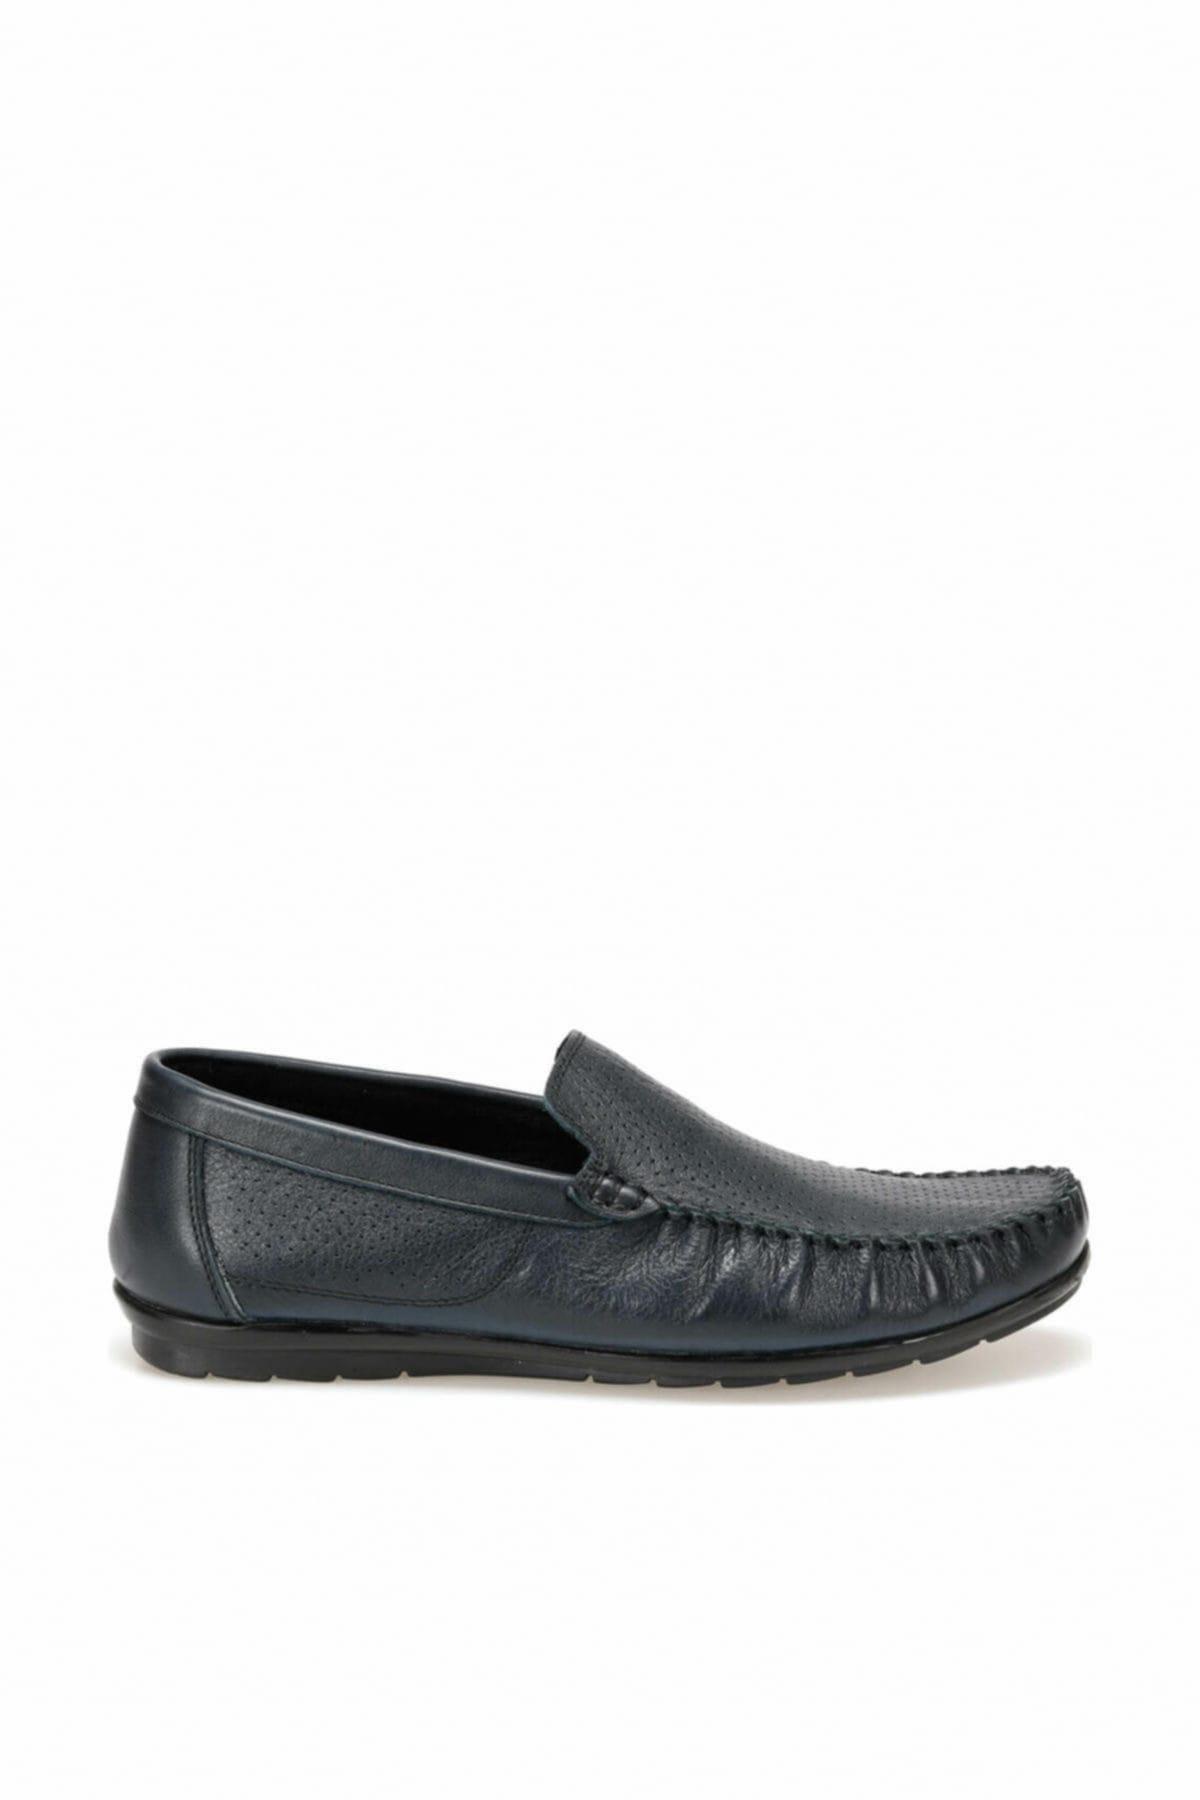 OXIDE 2251 C Lacivert Erkek Loafer Ayakkabı 100349397 2